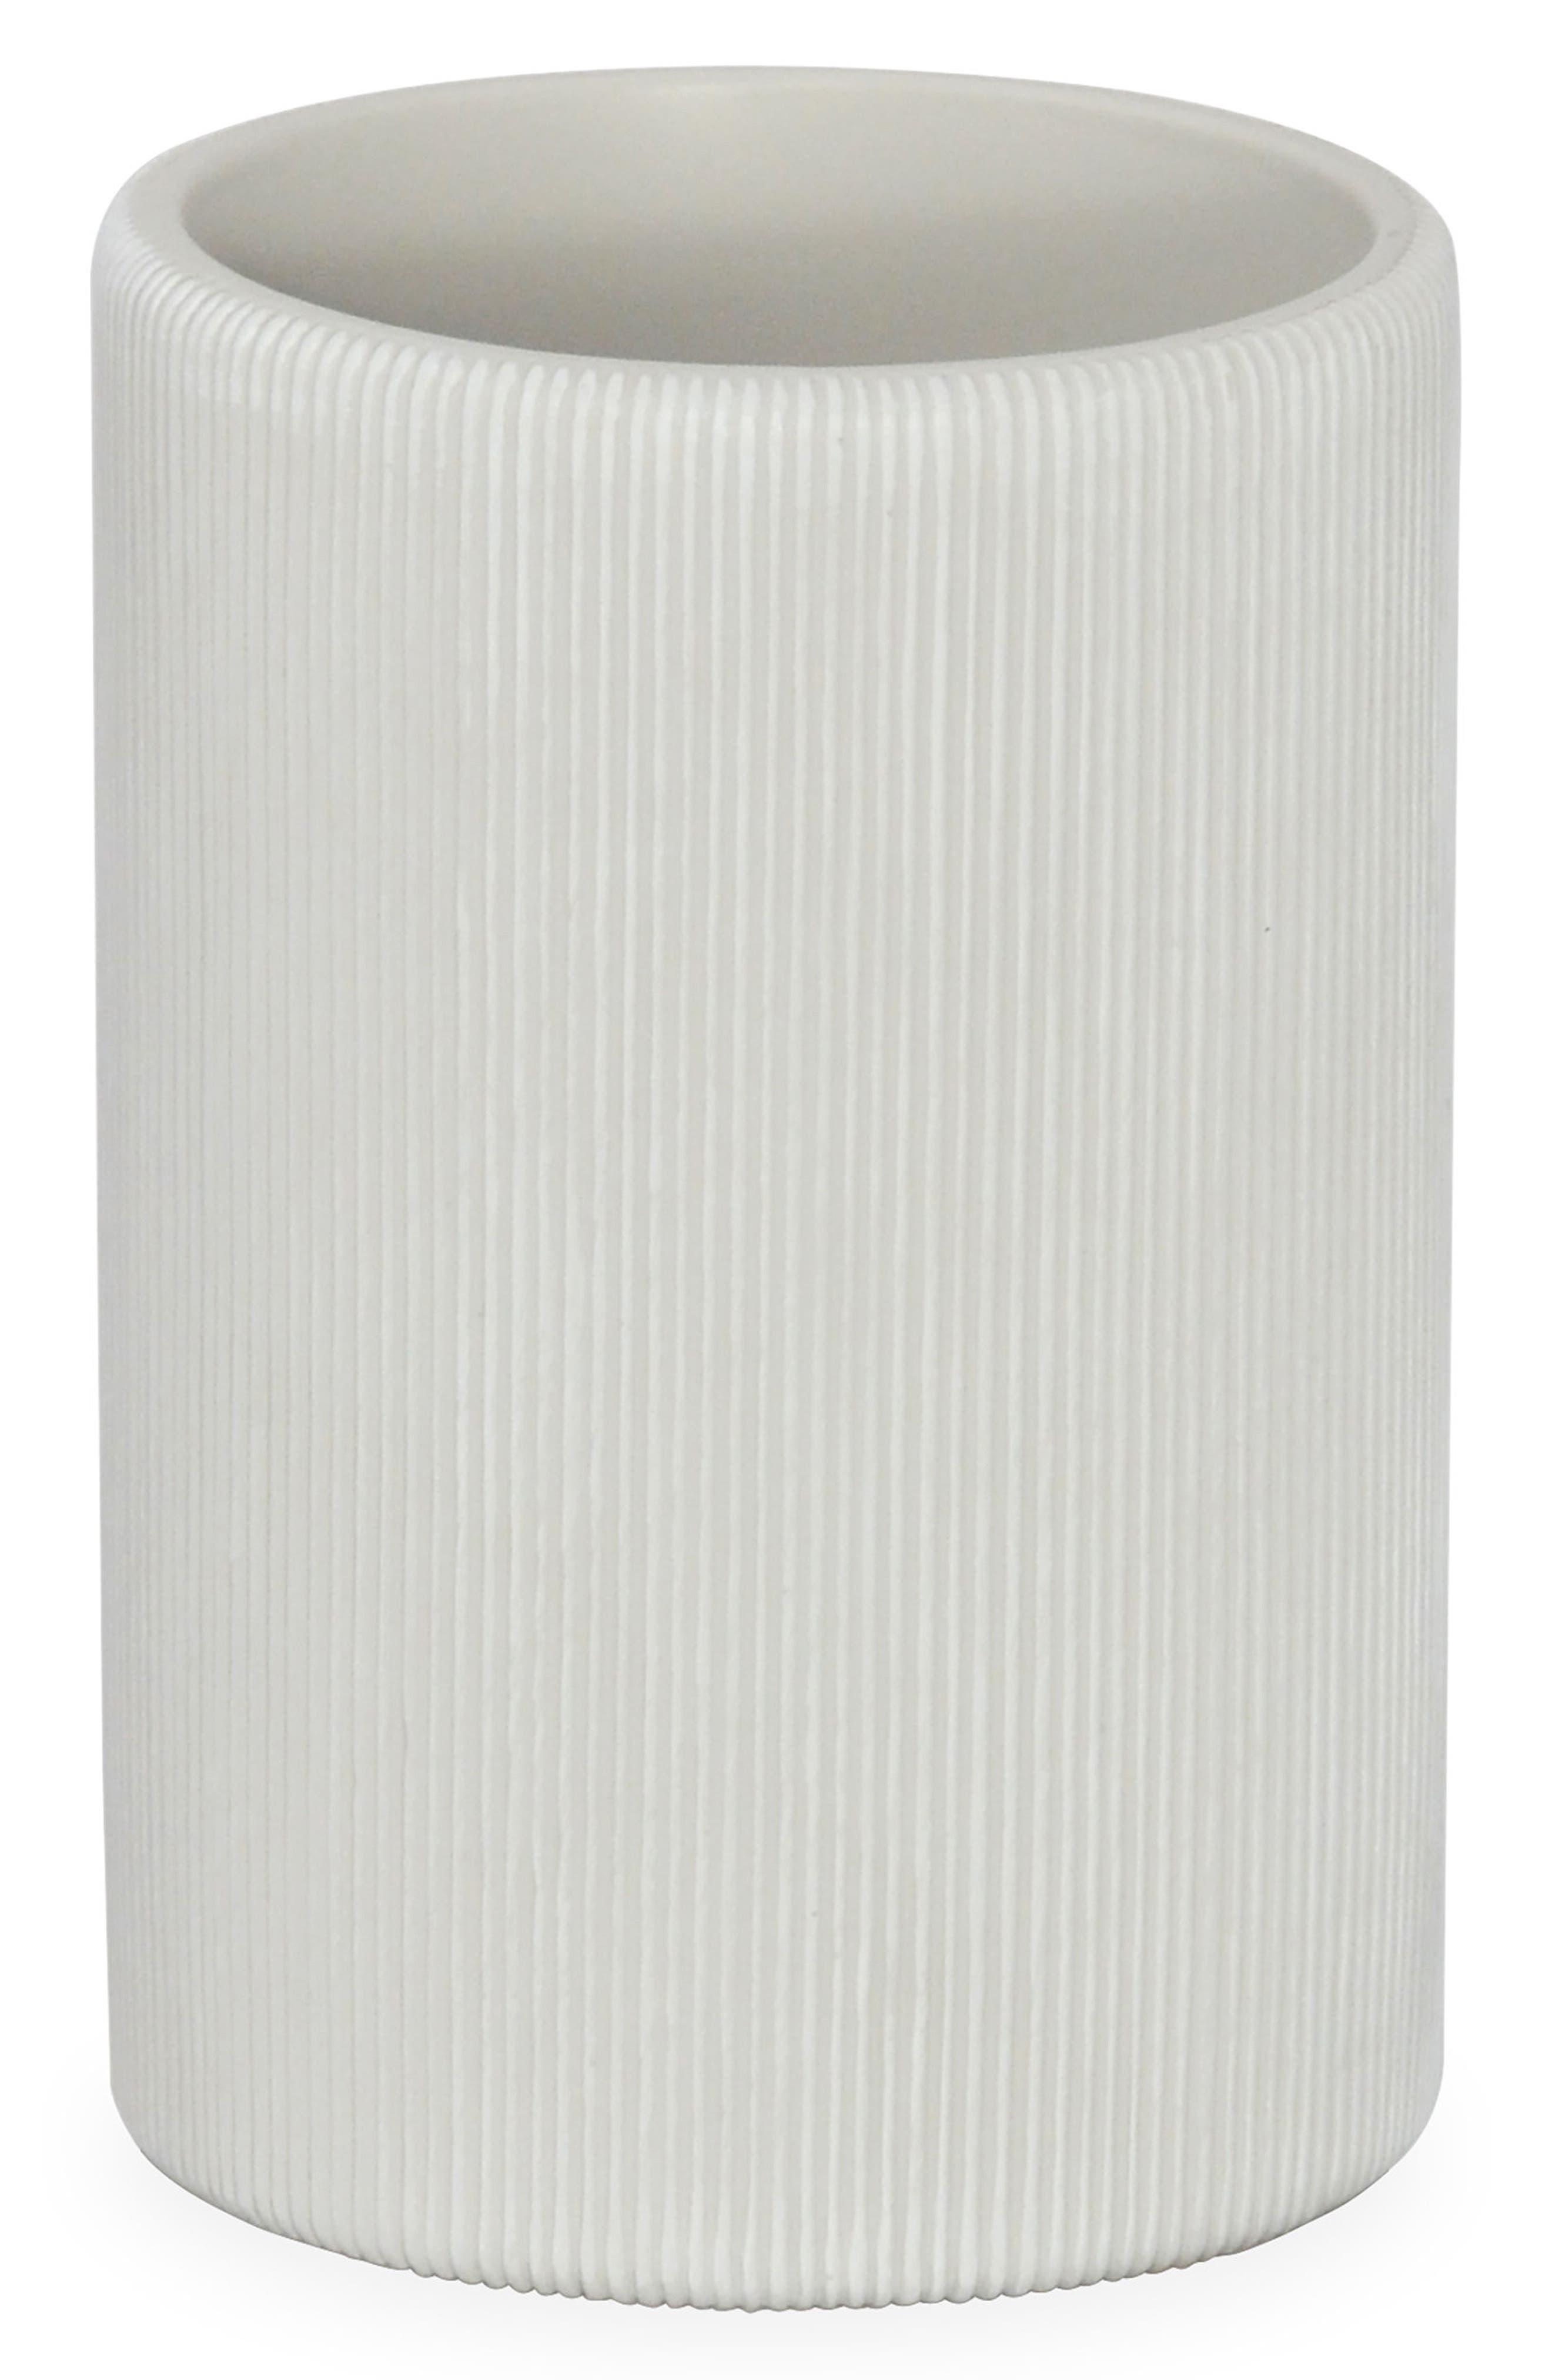 DKNY, Fine Lines Ceramic Tumbler, Main thumbnail 1, color, WHITE